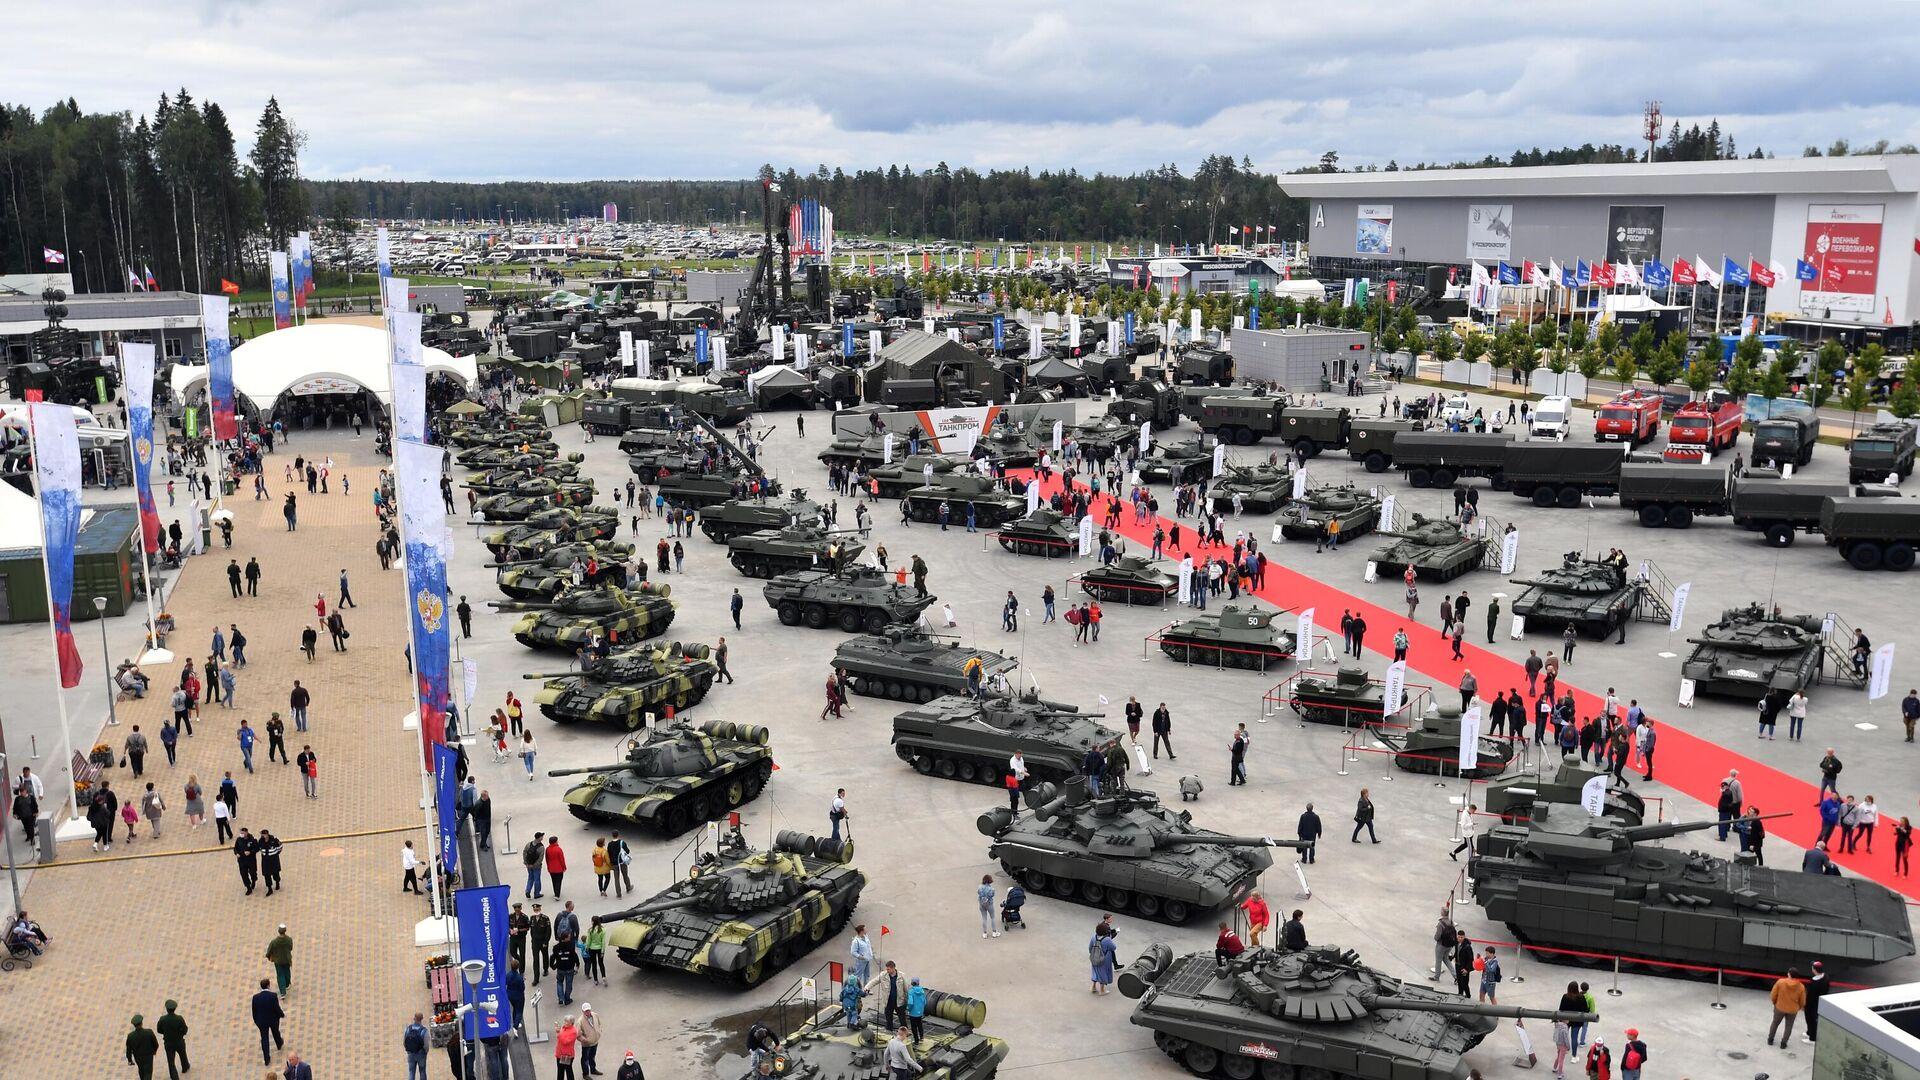 Посетители на выставке вооружений Международного военно-технического форума Армия-2020 в военно-патриотическом парке Патриот - РИА Новости, 1920, 10.09.2020